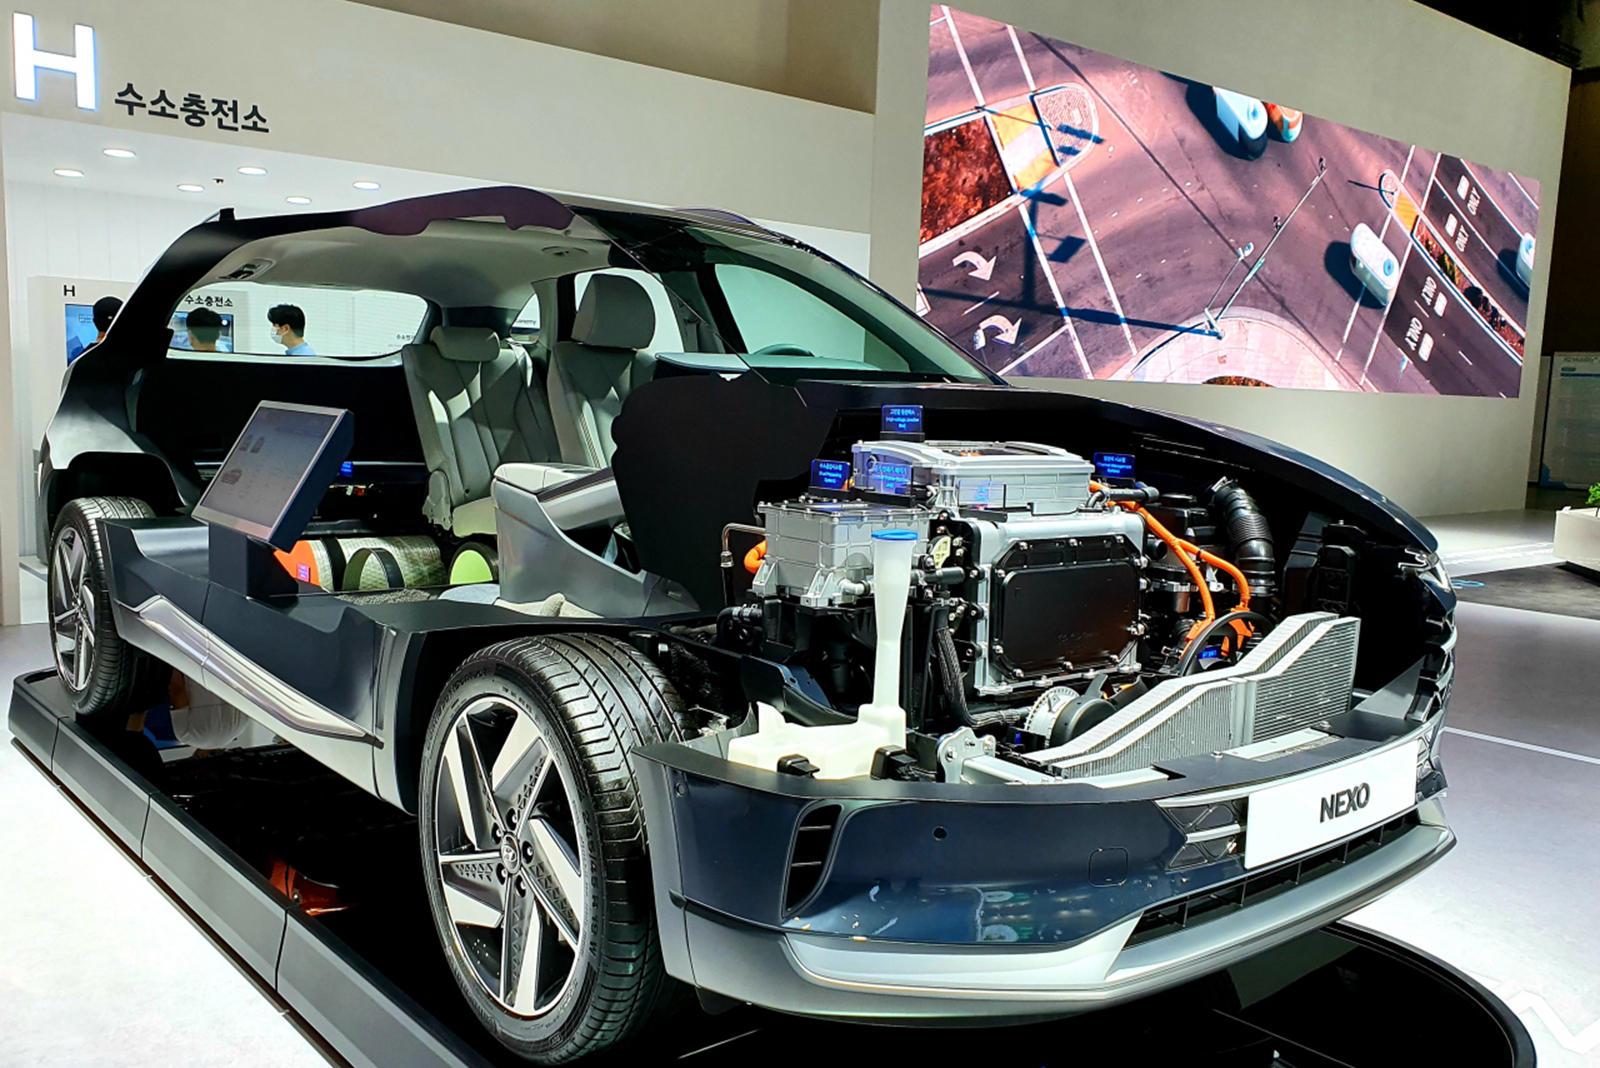 Сочетая строгий стиль и внедорожные возможности оригинального Defender с современными технологиями, Grenadier будет использовать бензиновые и дизельные двигатели с турбонаддувом, предоставленные BMW. В рамках «меморандума о взаимопонимании по изучени